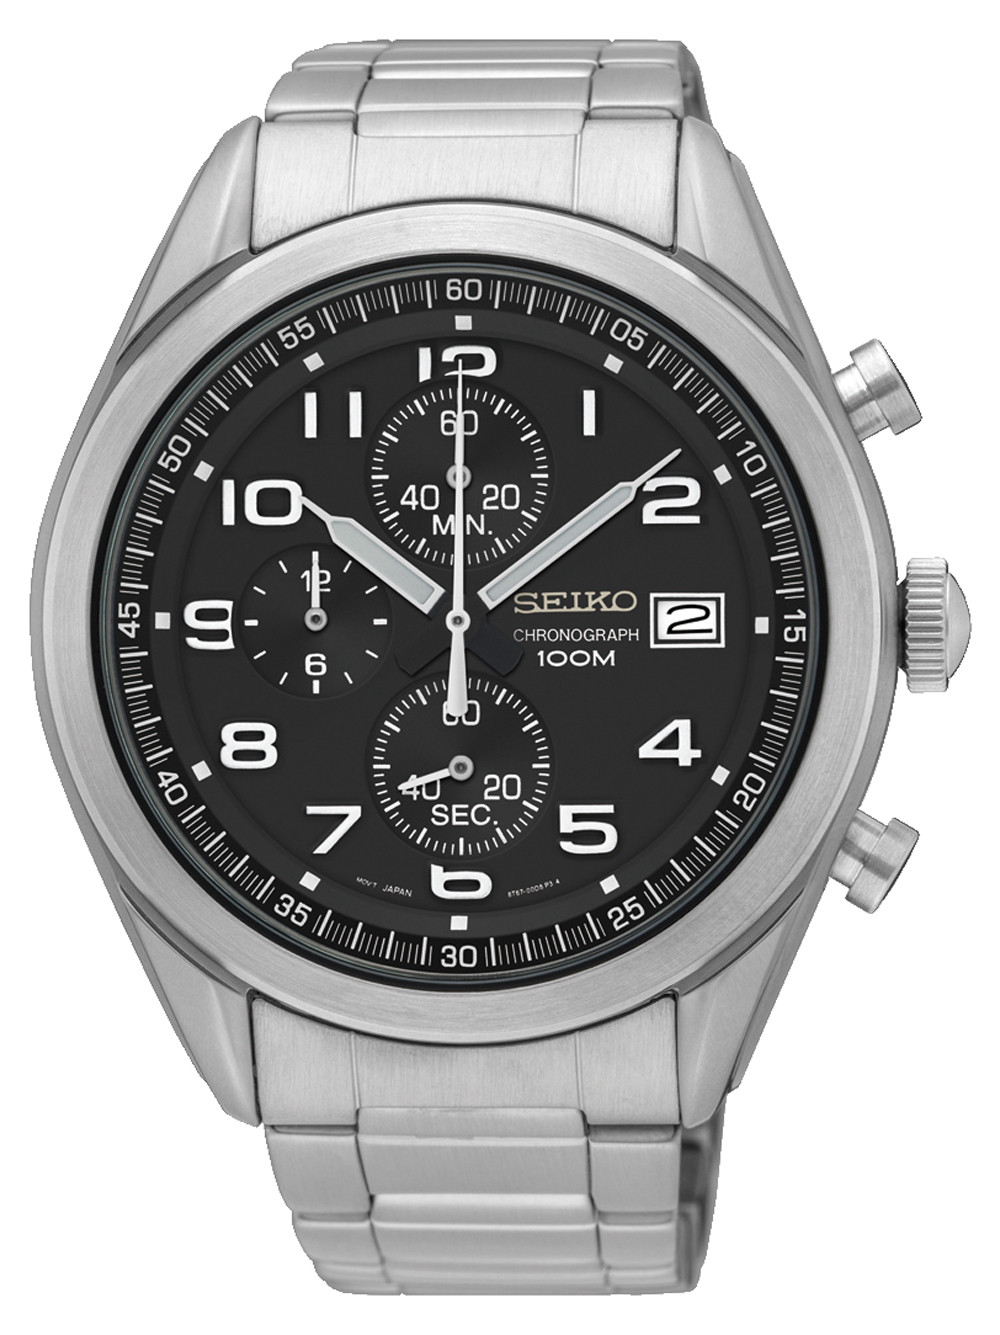 นาฬิกาผู้ชาย Seiko รุ่น SSB269P1, Chronograph